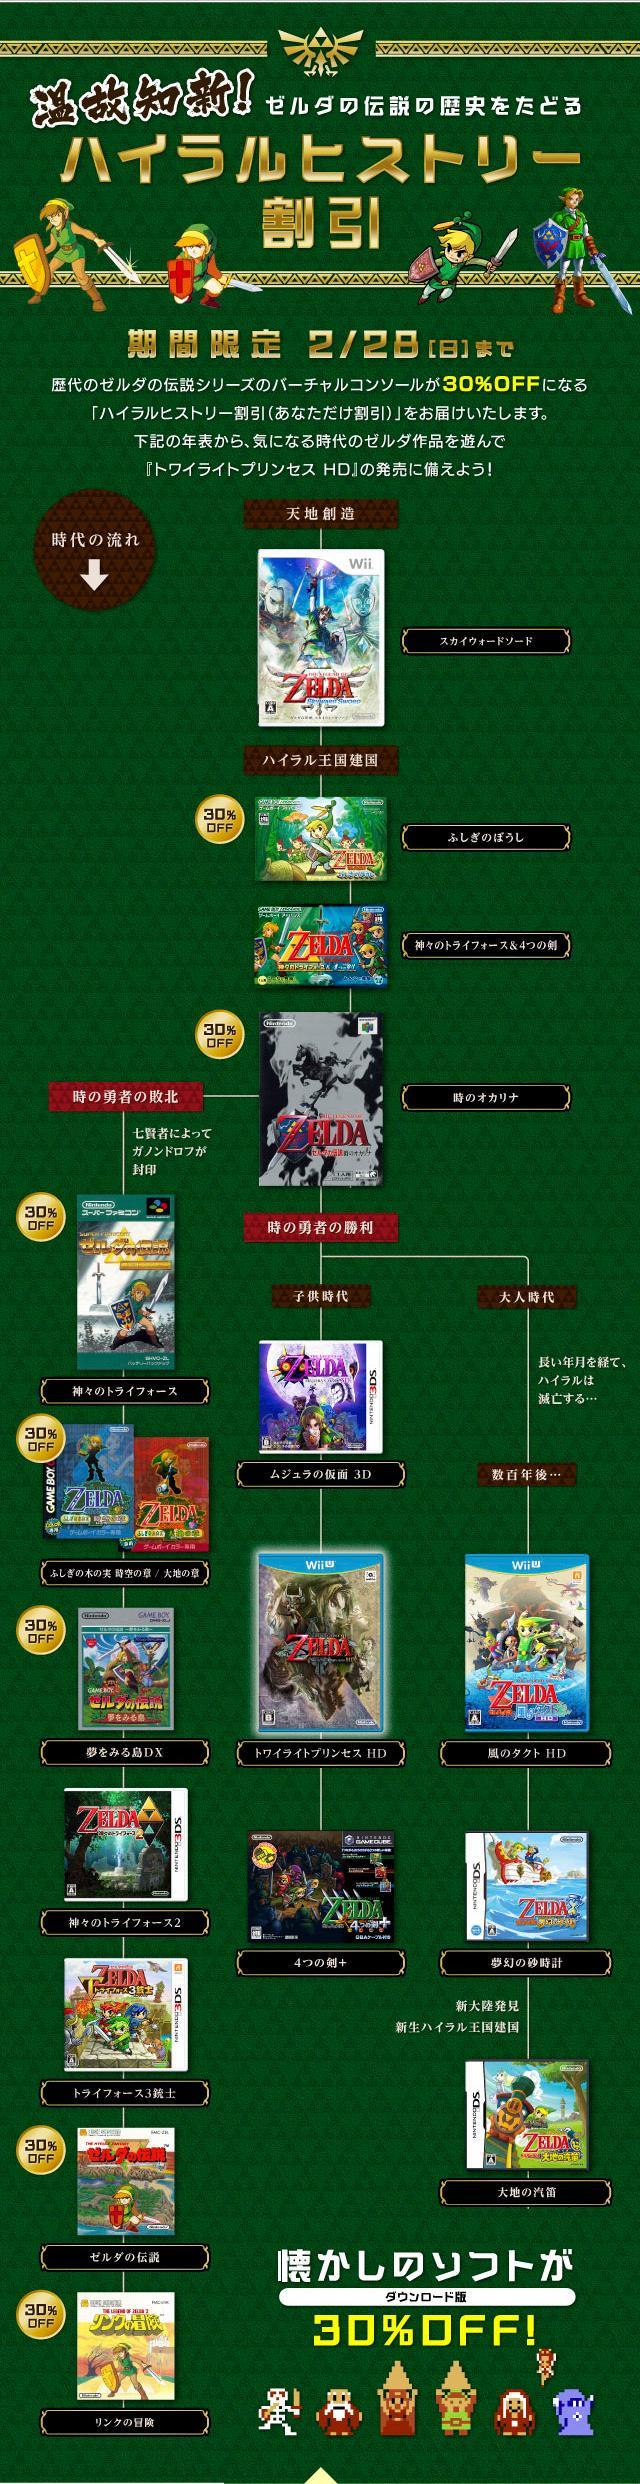 zelda_timeline_japan